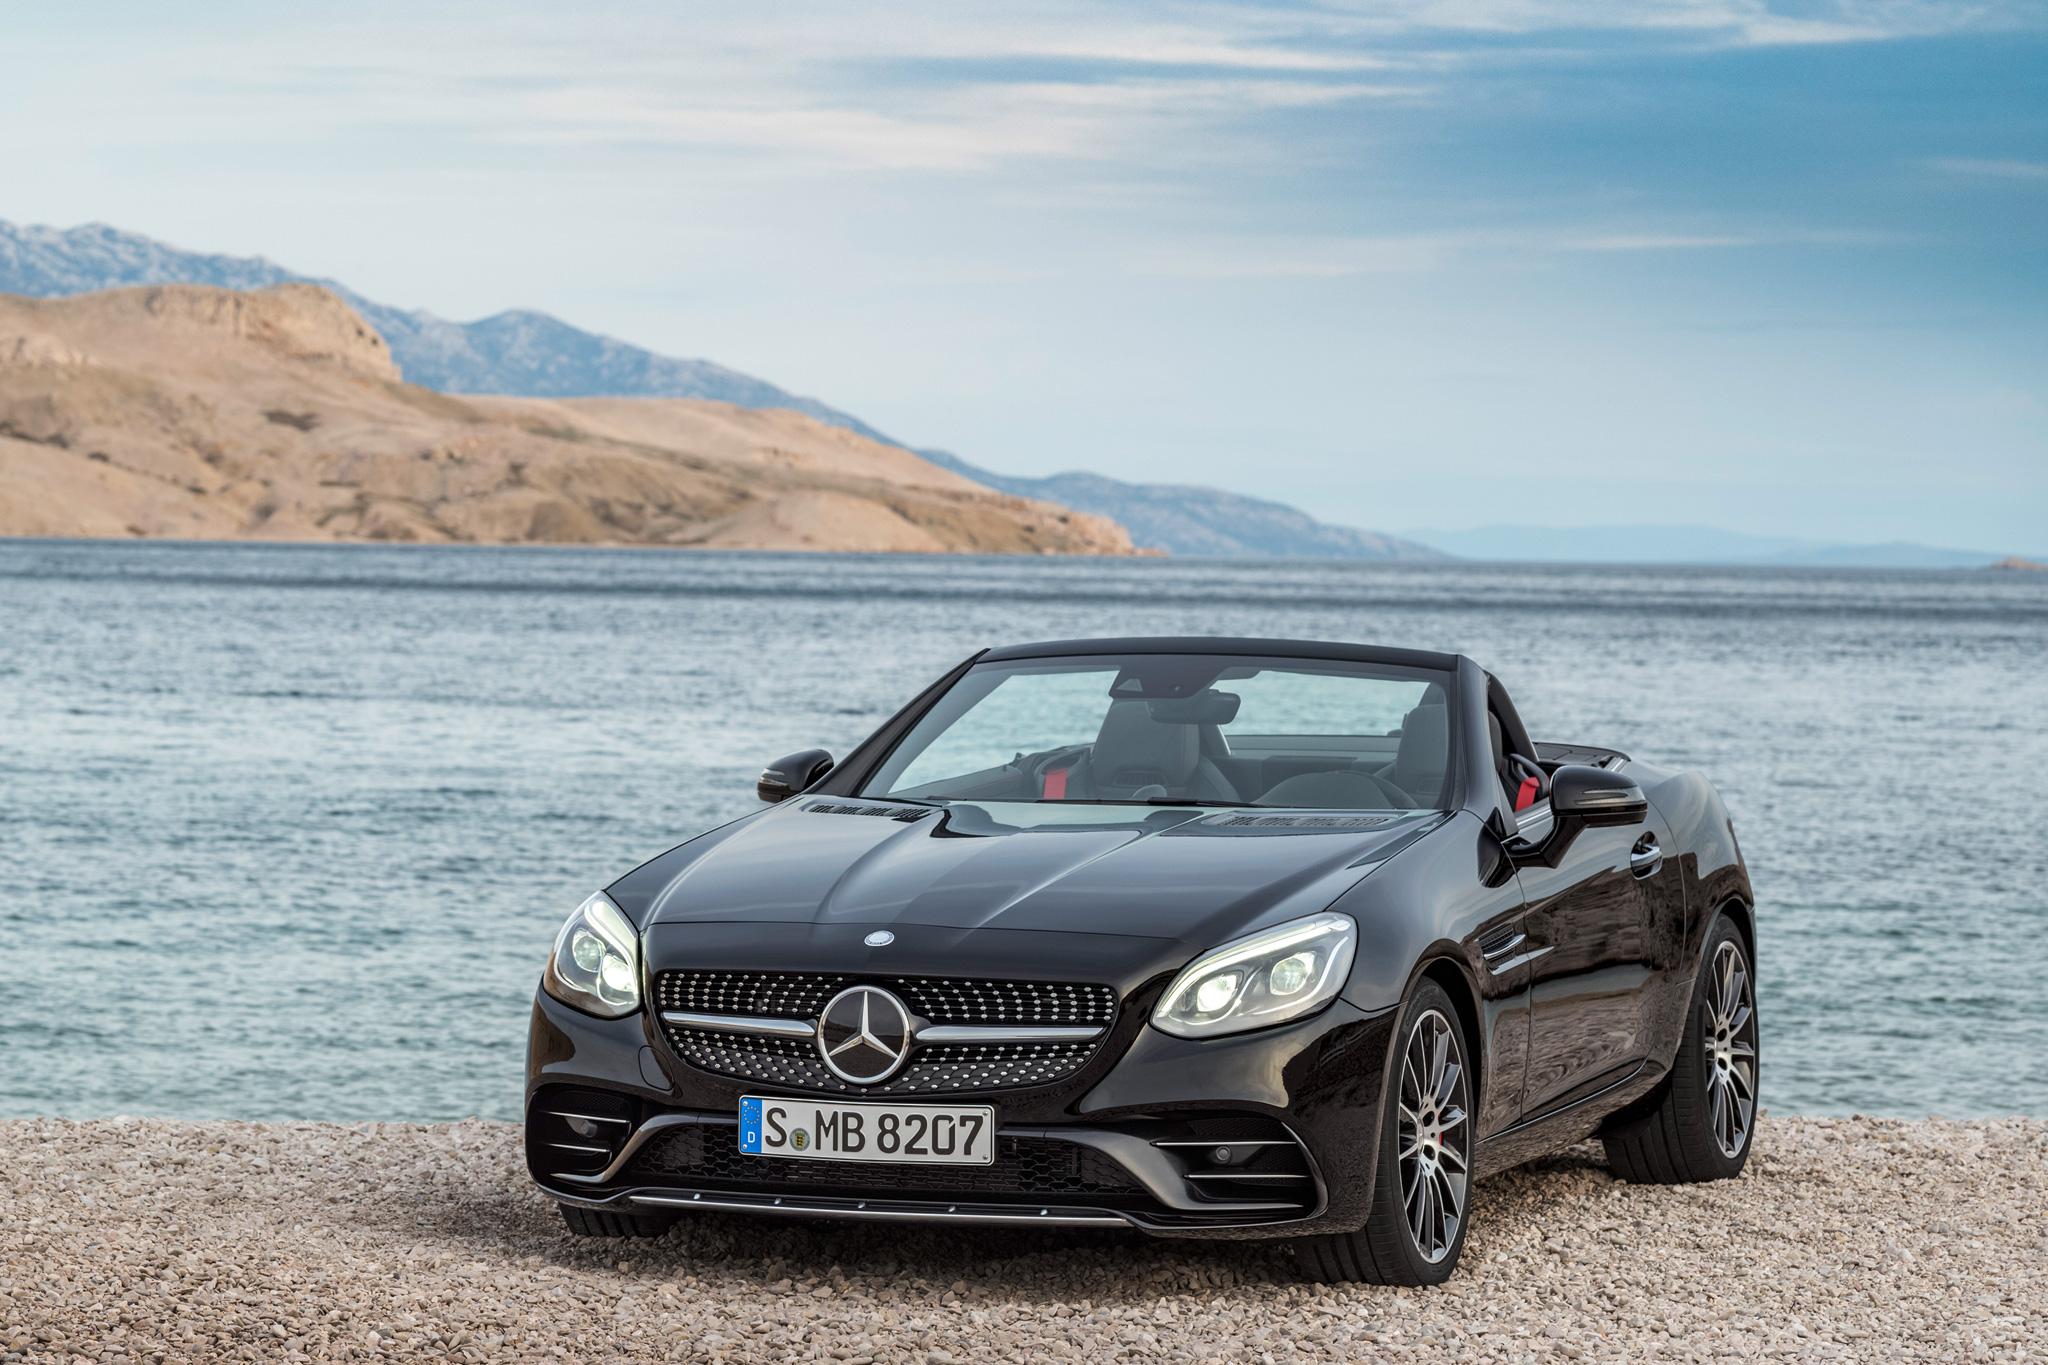 Mercedes-Benz SLC-klasse AMG I (R172) 2016 - now Roadster #6